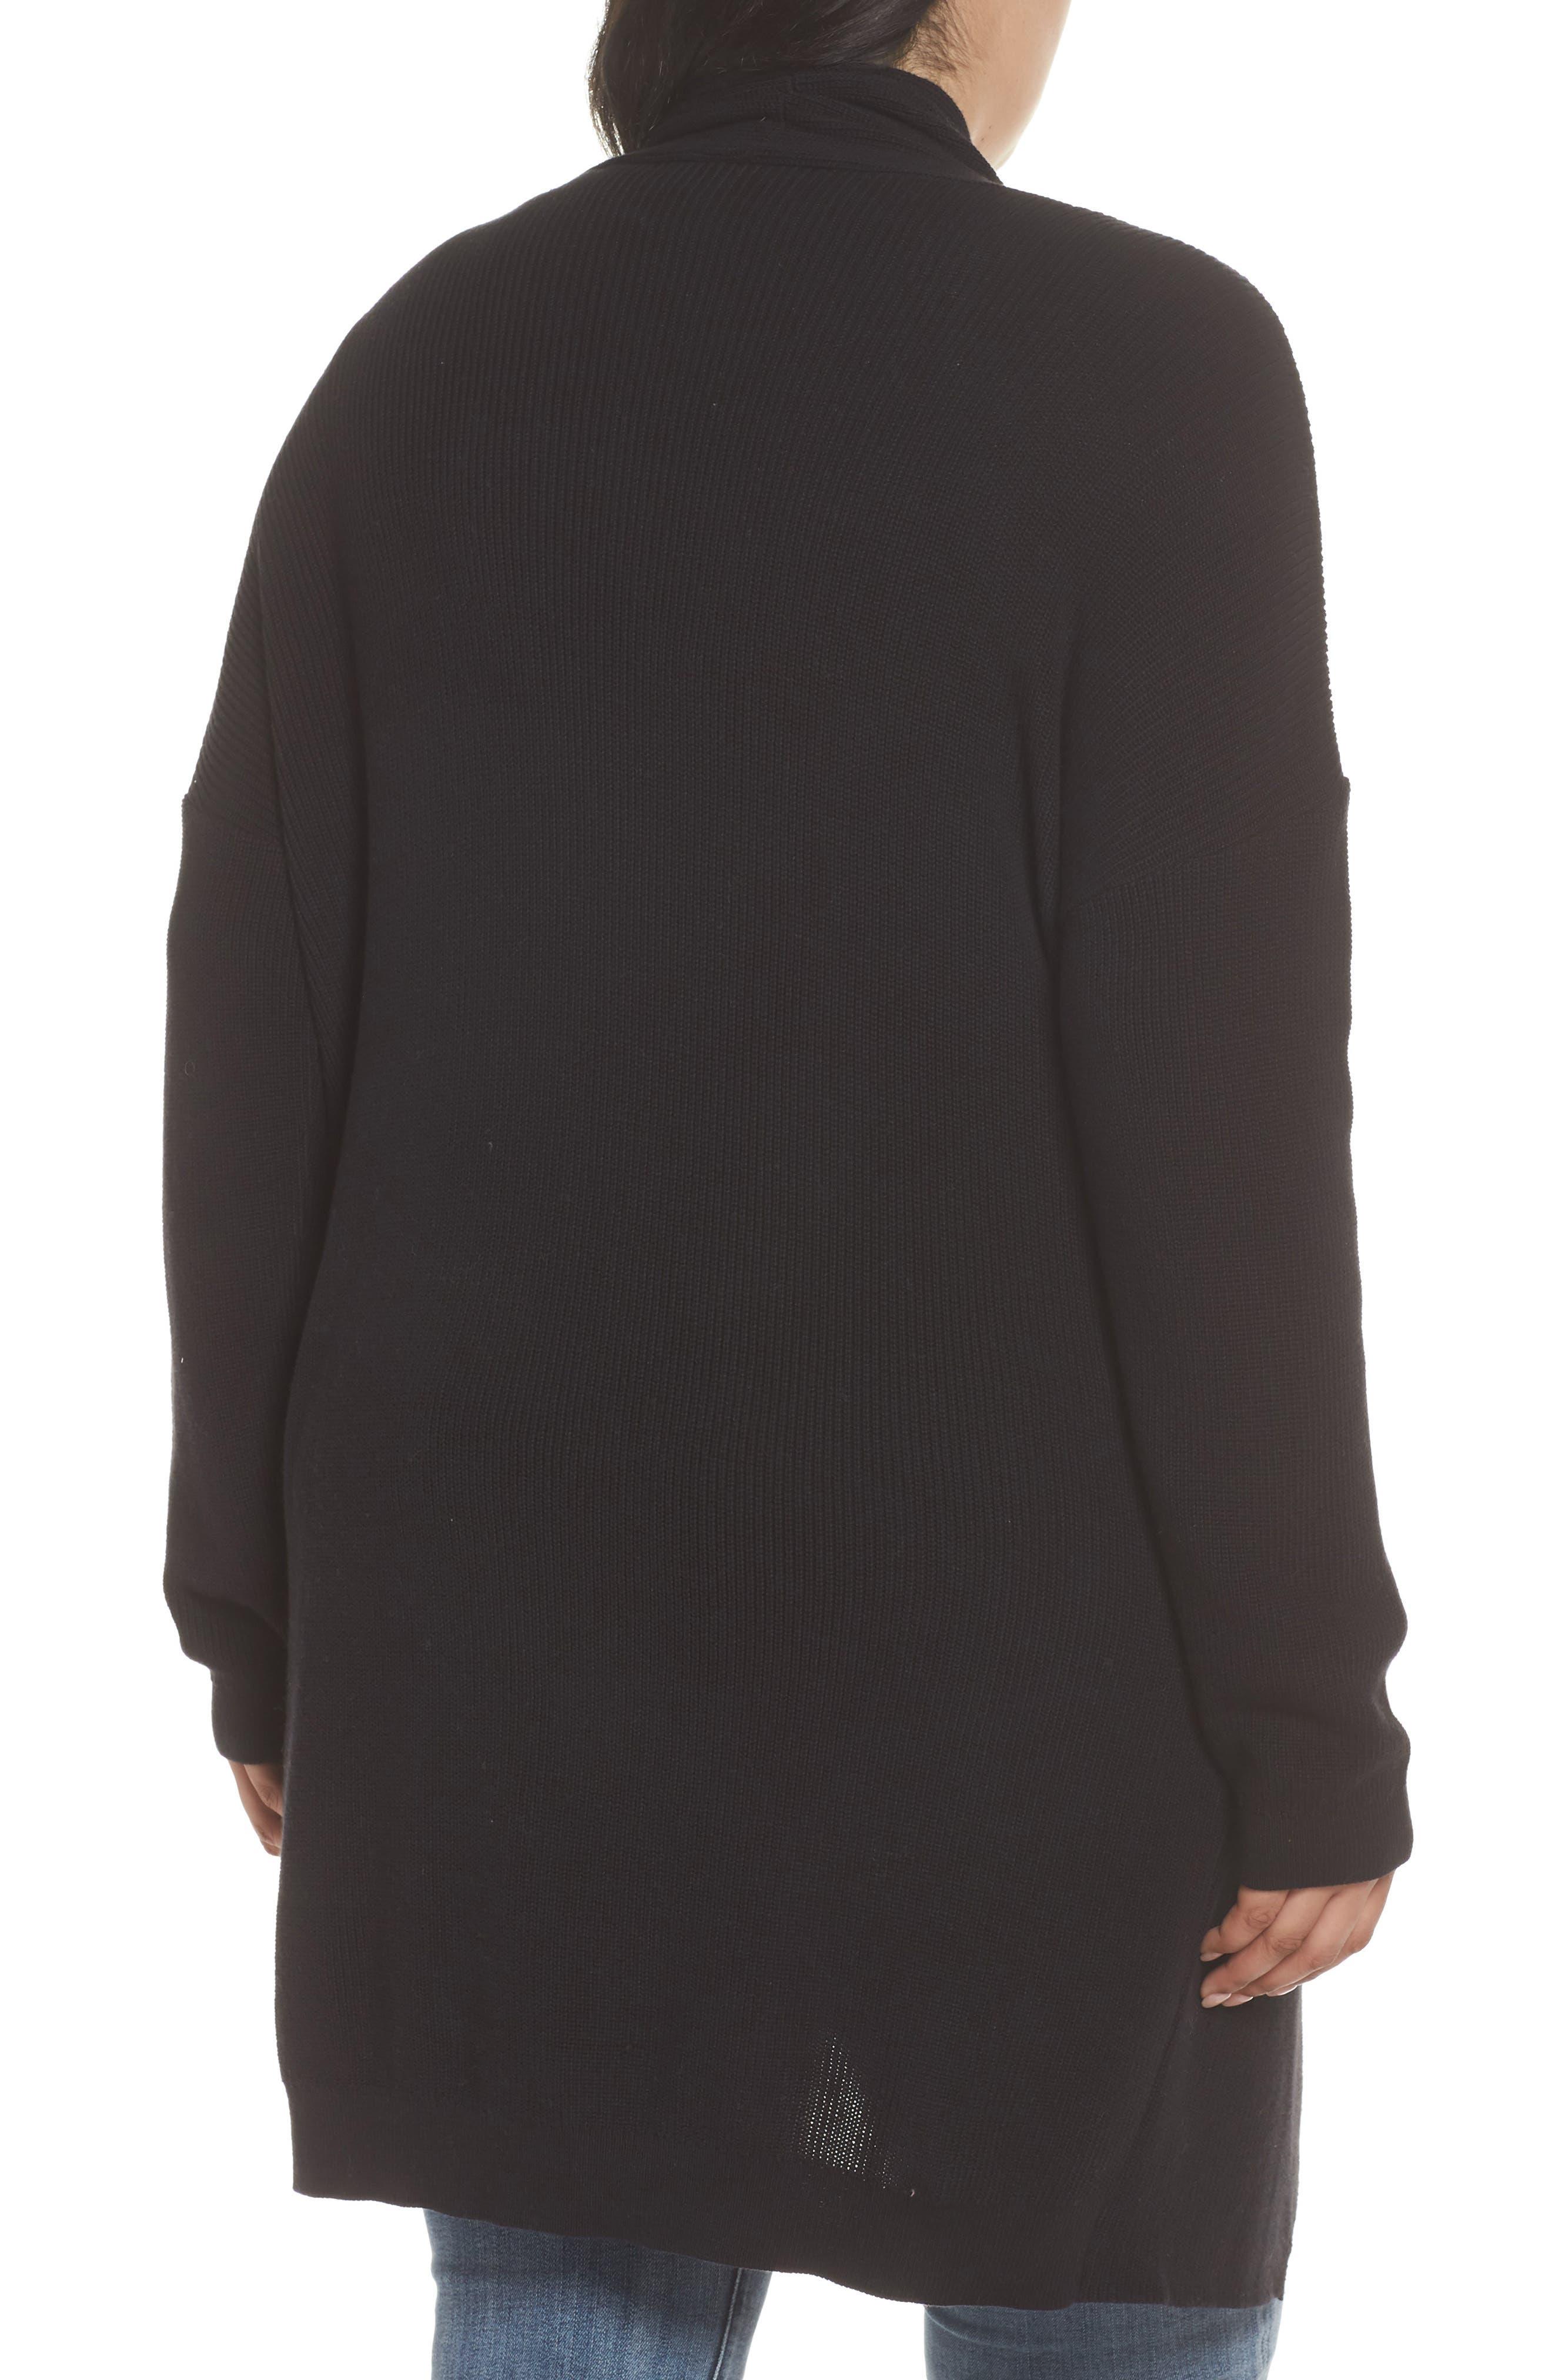 Layered Sweater Blouse Combo Rldm